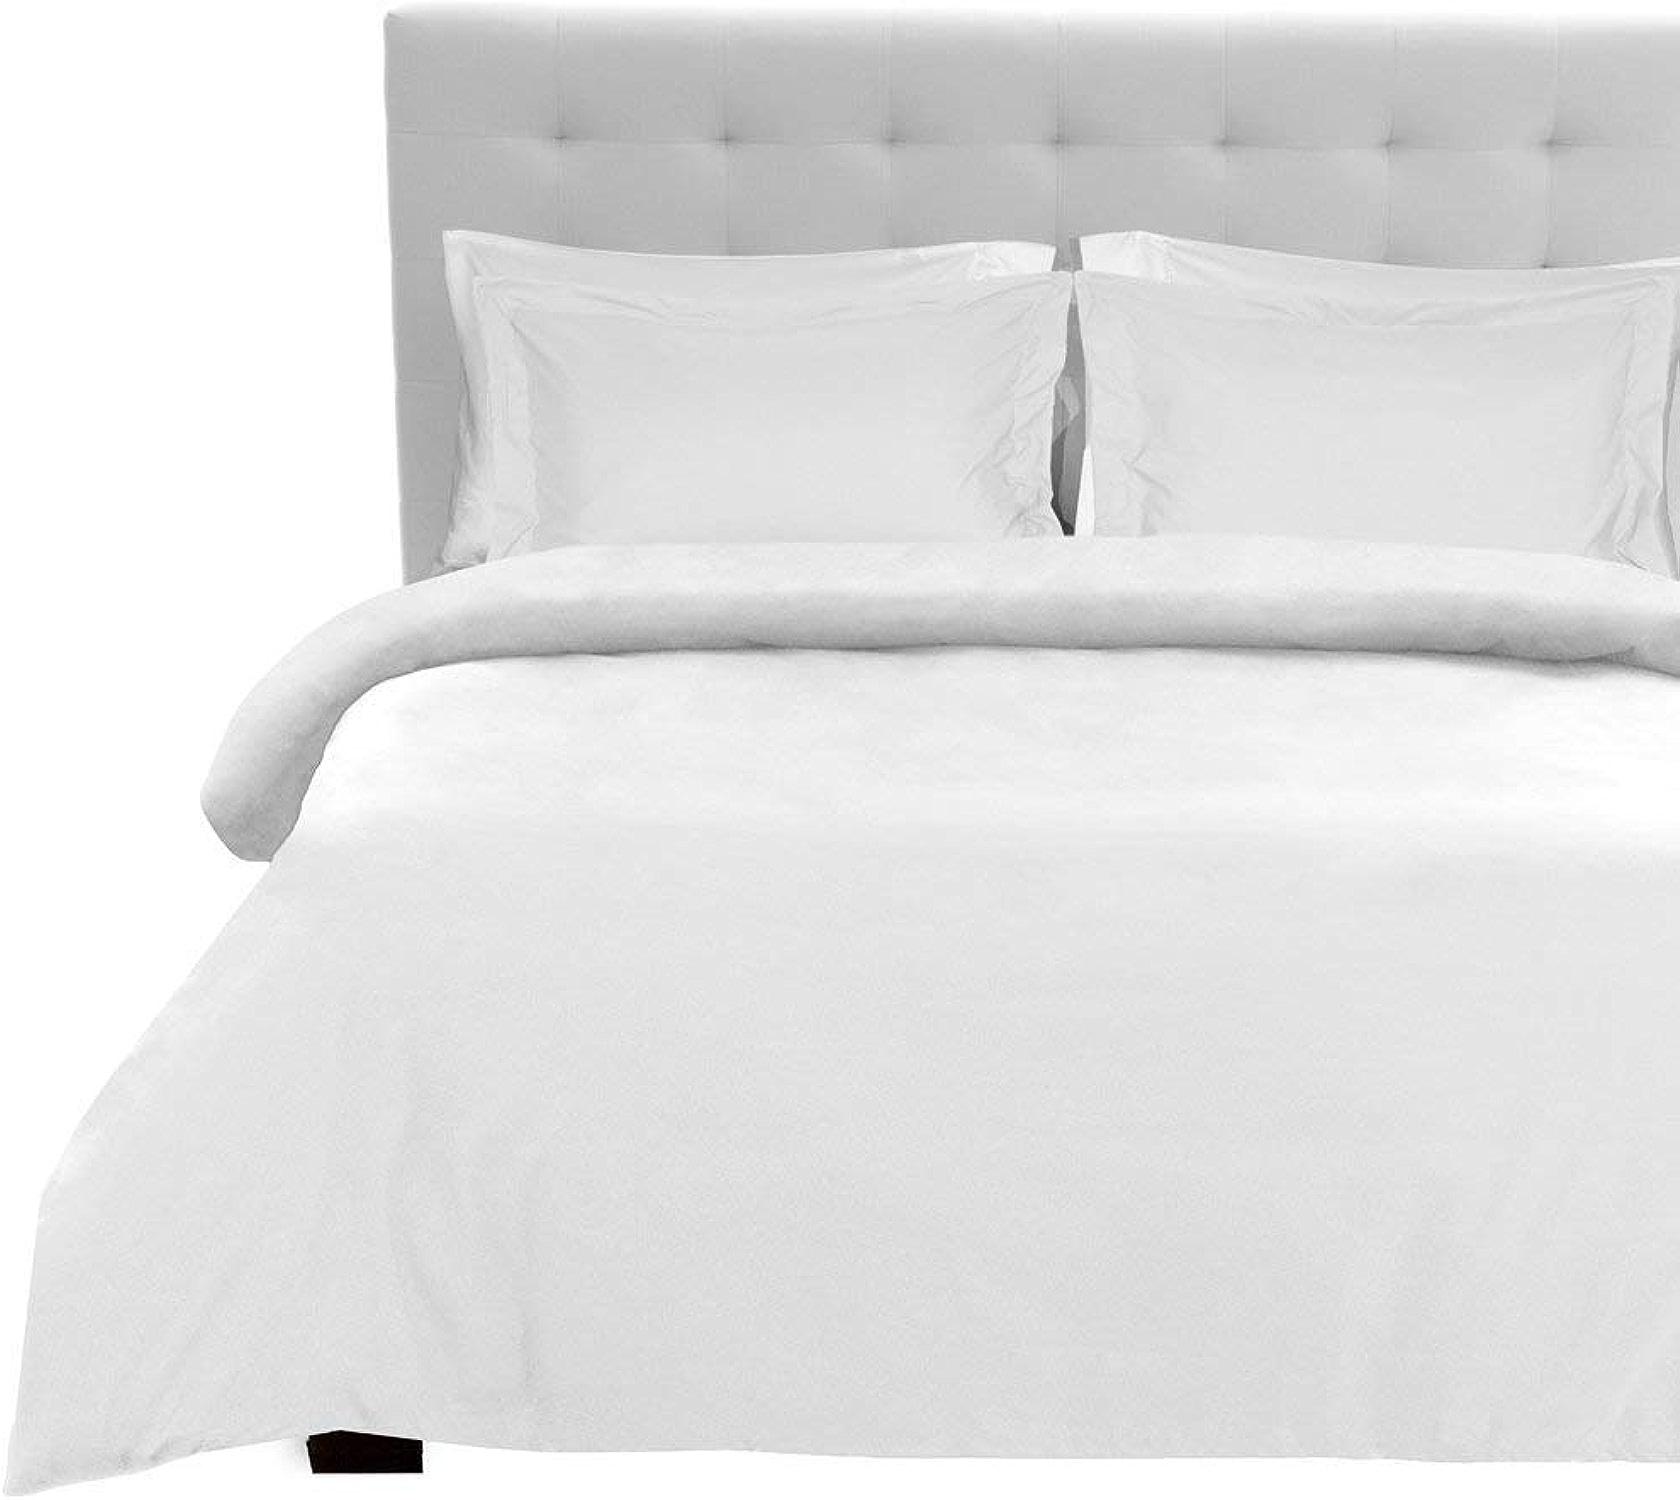 Tula Linen 400Fils 5pcs de lit avec Drap-Housse (Blanc uni, UK petit Single Long (0,6m 15,2cm X 1,8m 15,2cm), Format de Poche 20cm) 100% Coton égypcravaten de qualité Premium